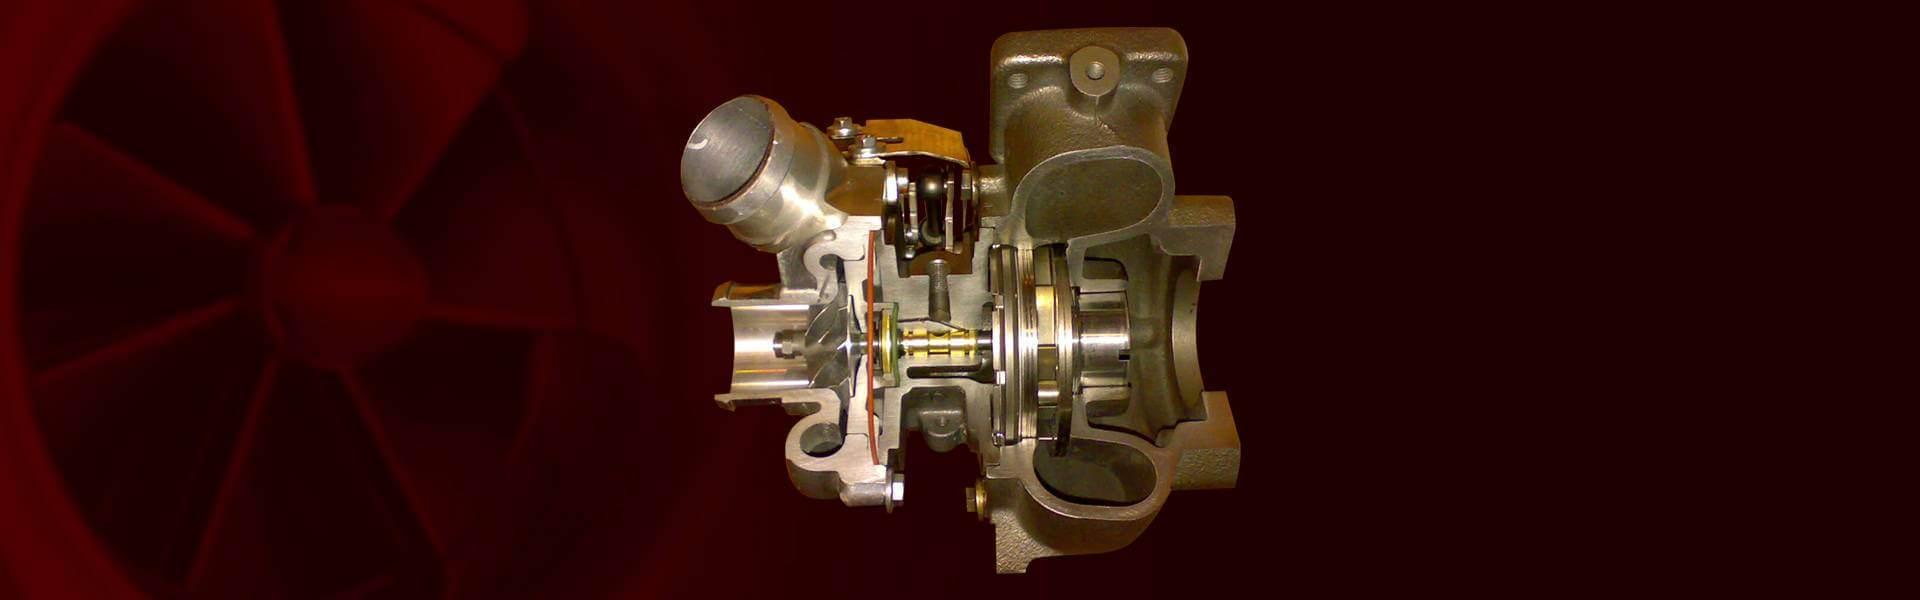 Serwis i sprzedaż turbosprężarek